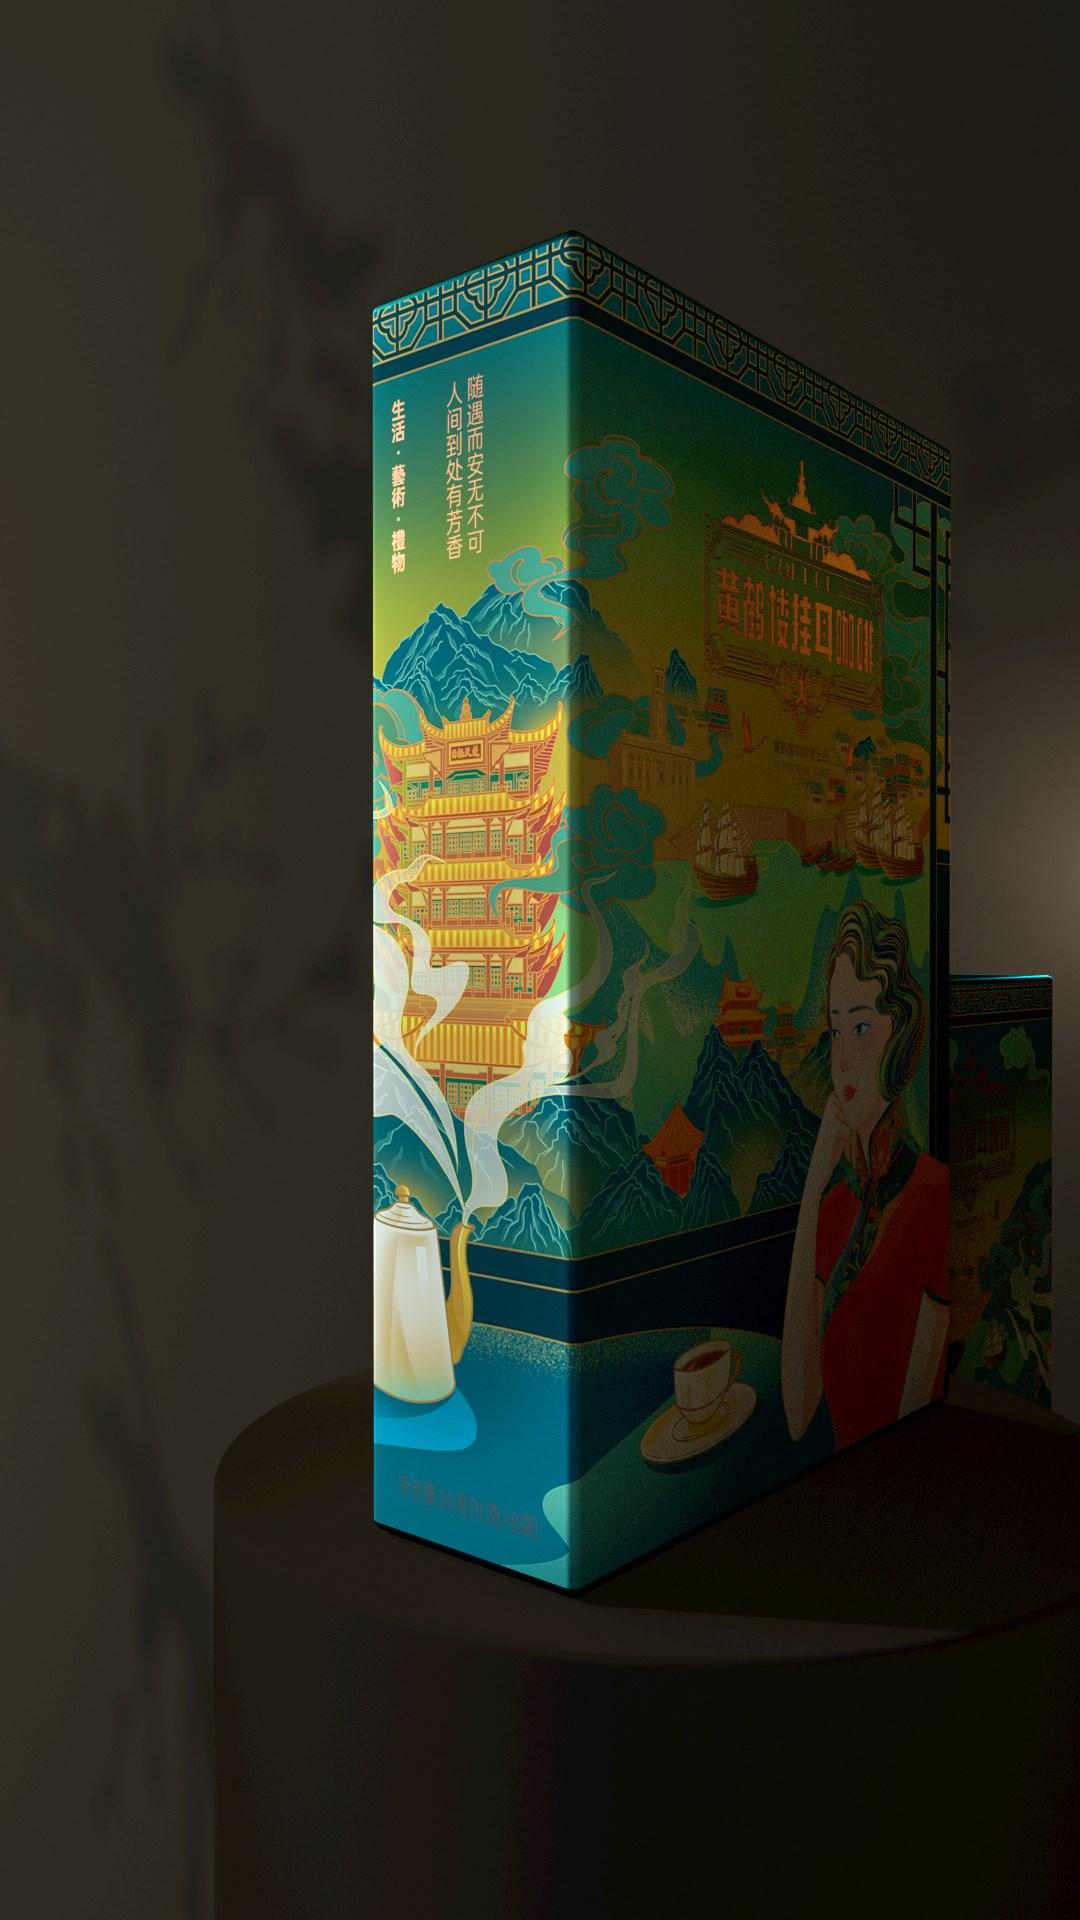 黄鹤楼×叁布   黄鹤楼挂耳咖啡包装设计